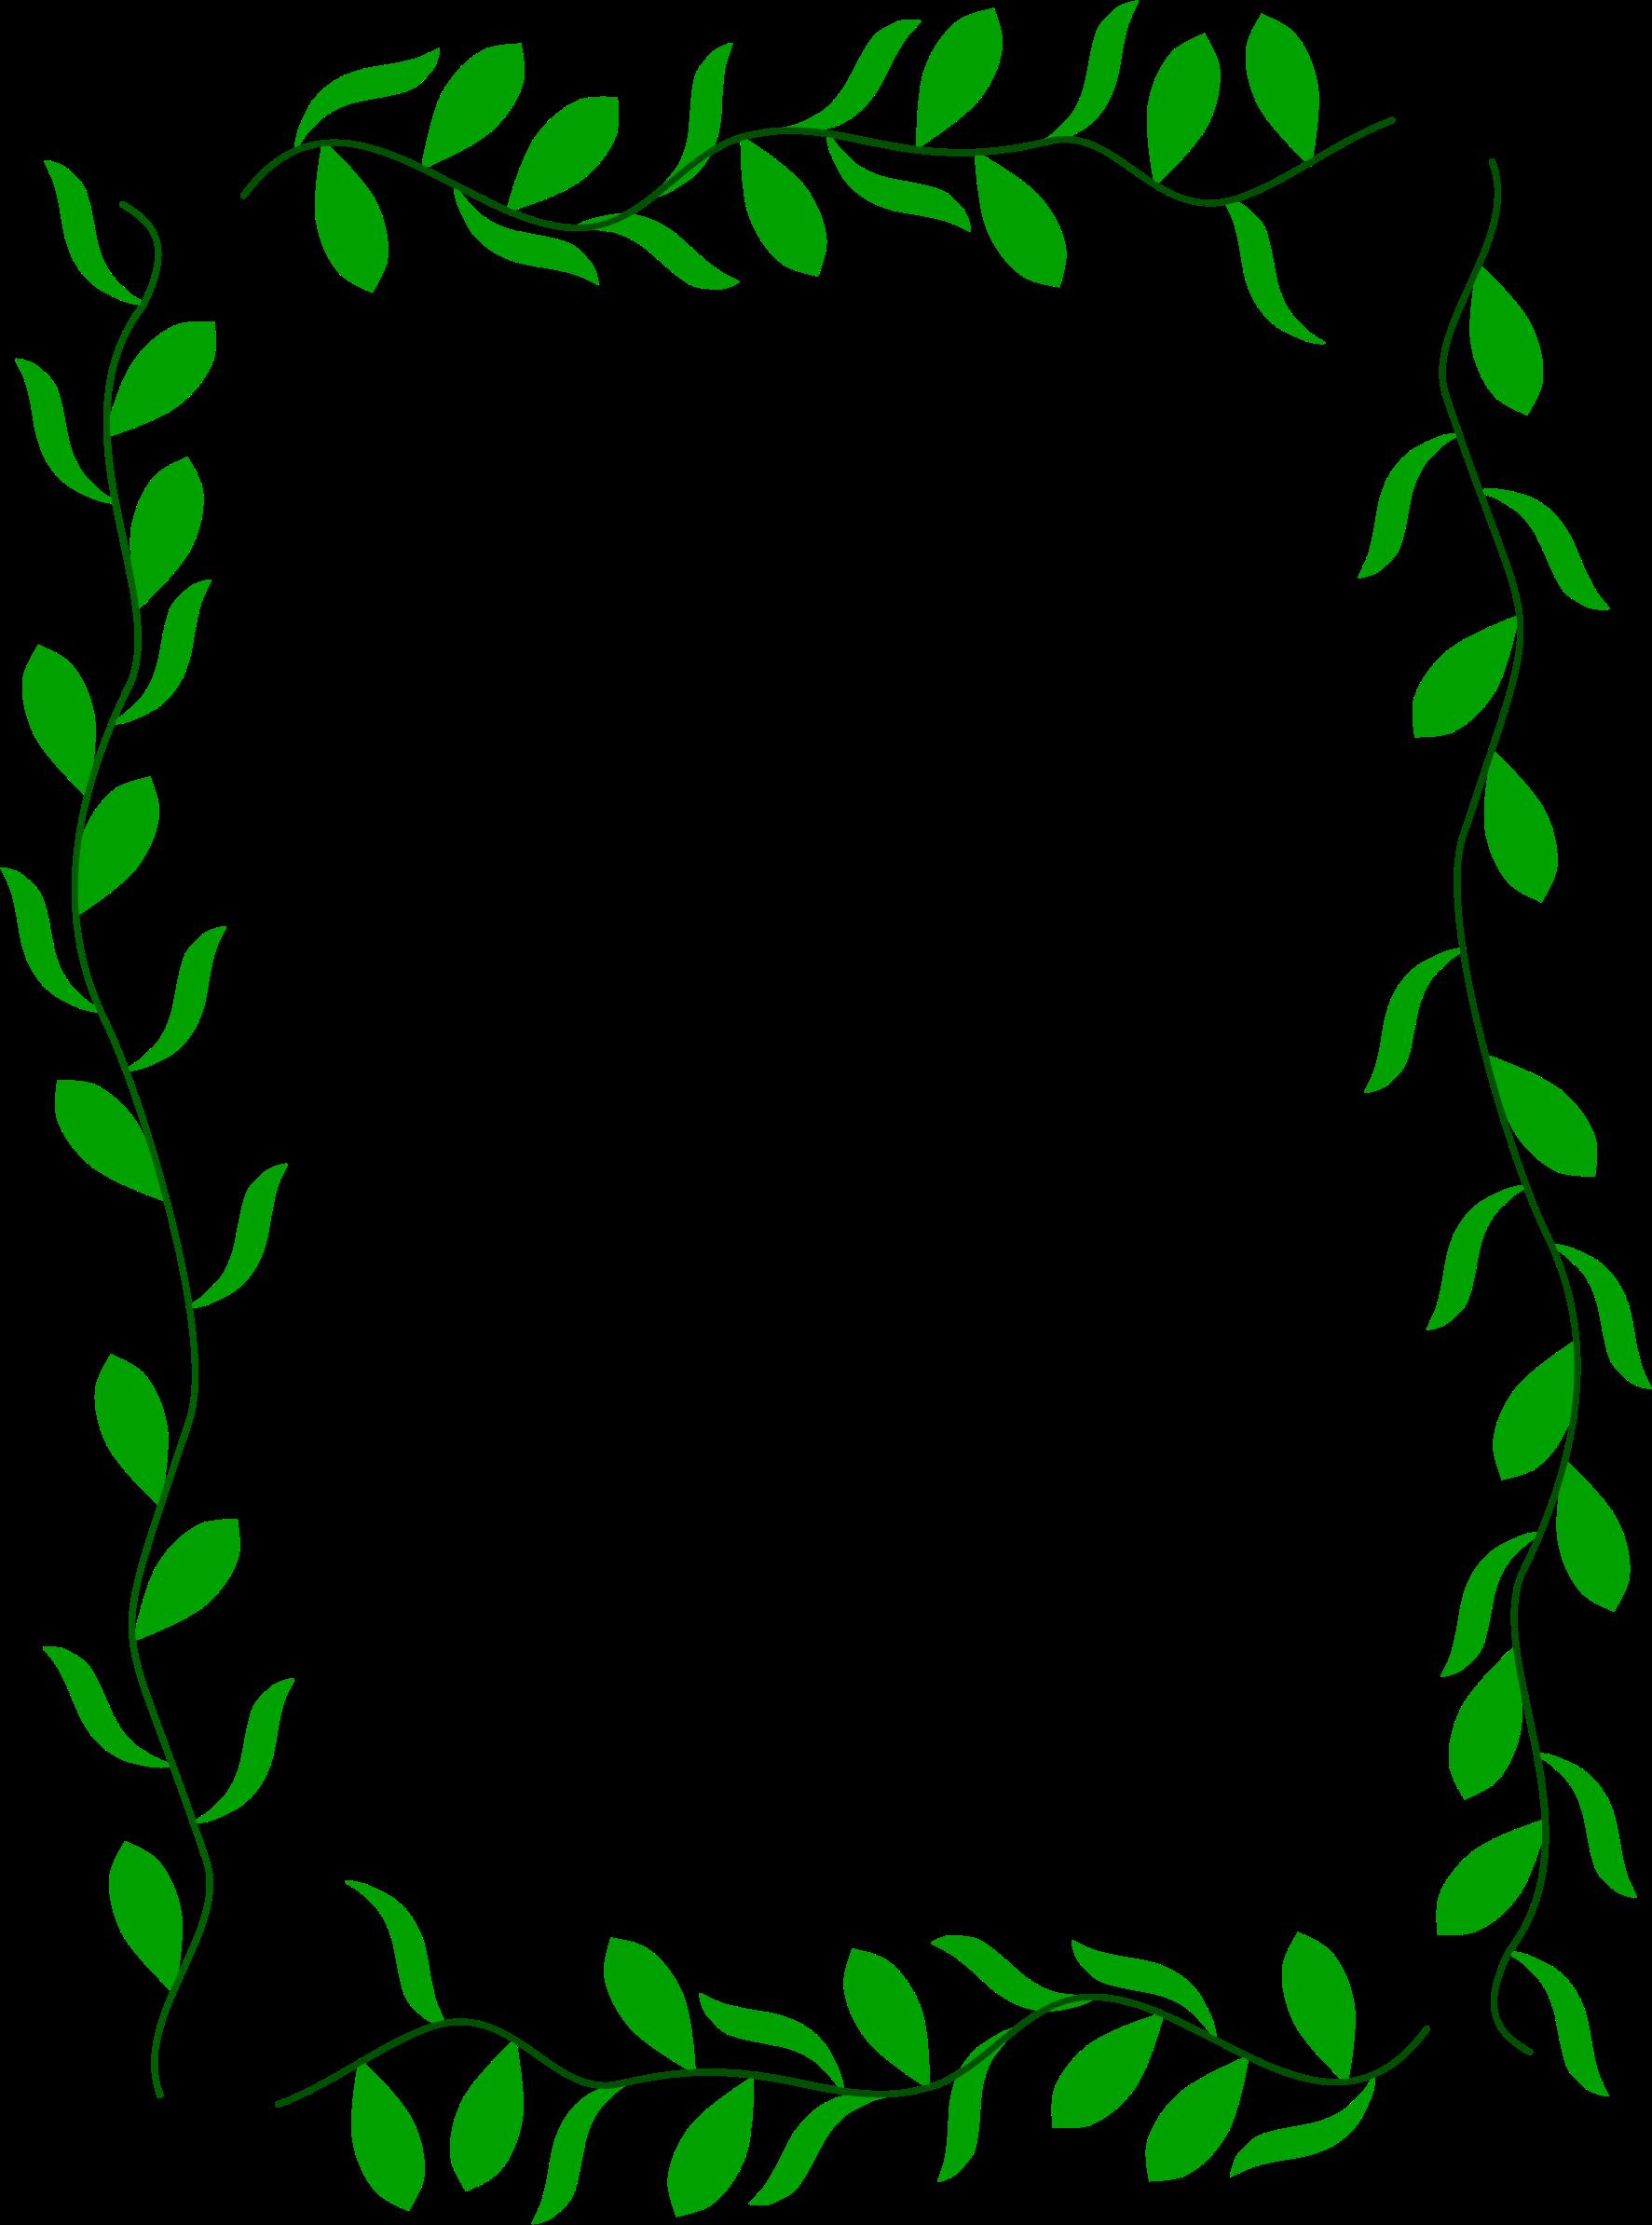 Clipart leaf floral. Border big image png